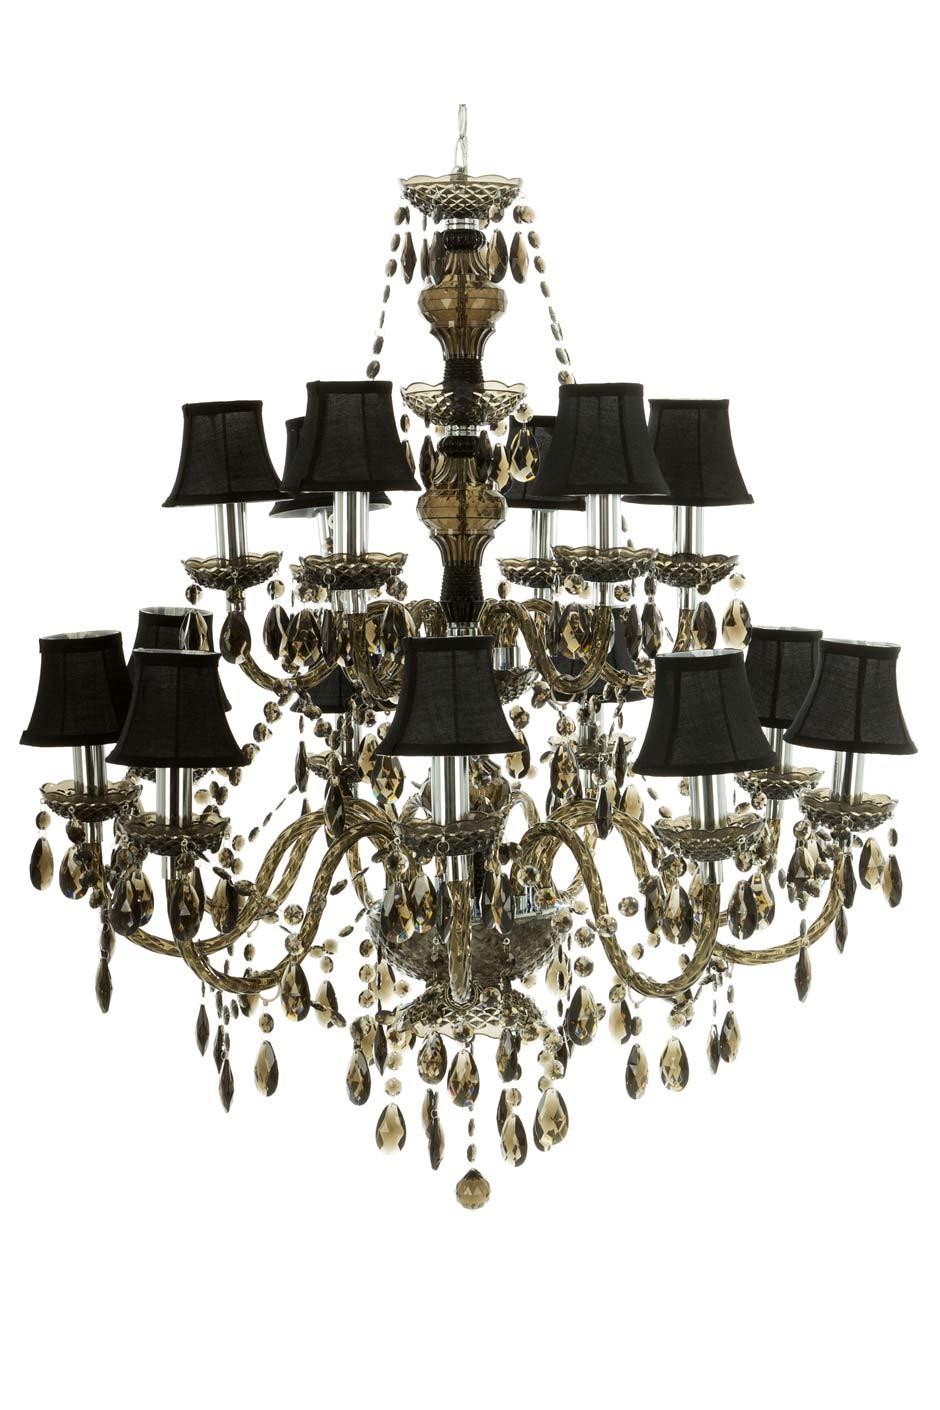 Romeo lustre baroque 15 lumi res noir abat jour noirs par muno r f 11090245 - Lustre baroque noir ...